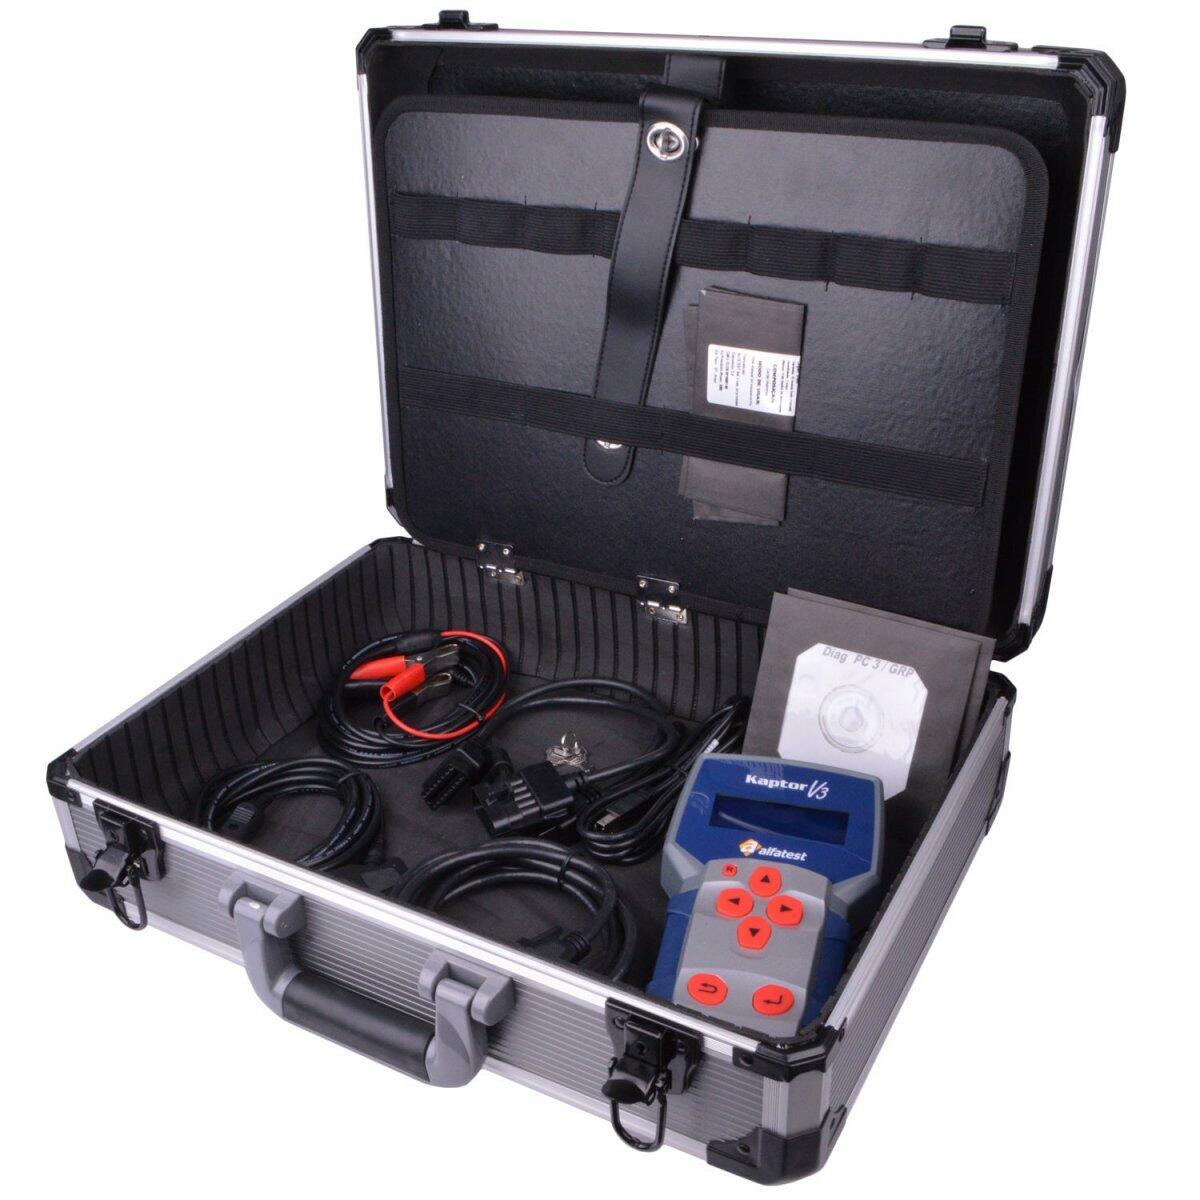 Scanner Automotivo Kaptor V3 C/ Pack 30 e Credit 20 Alfatest